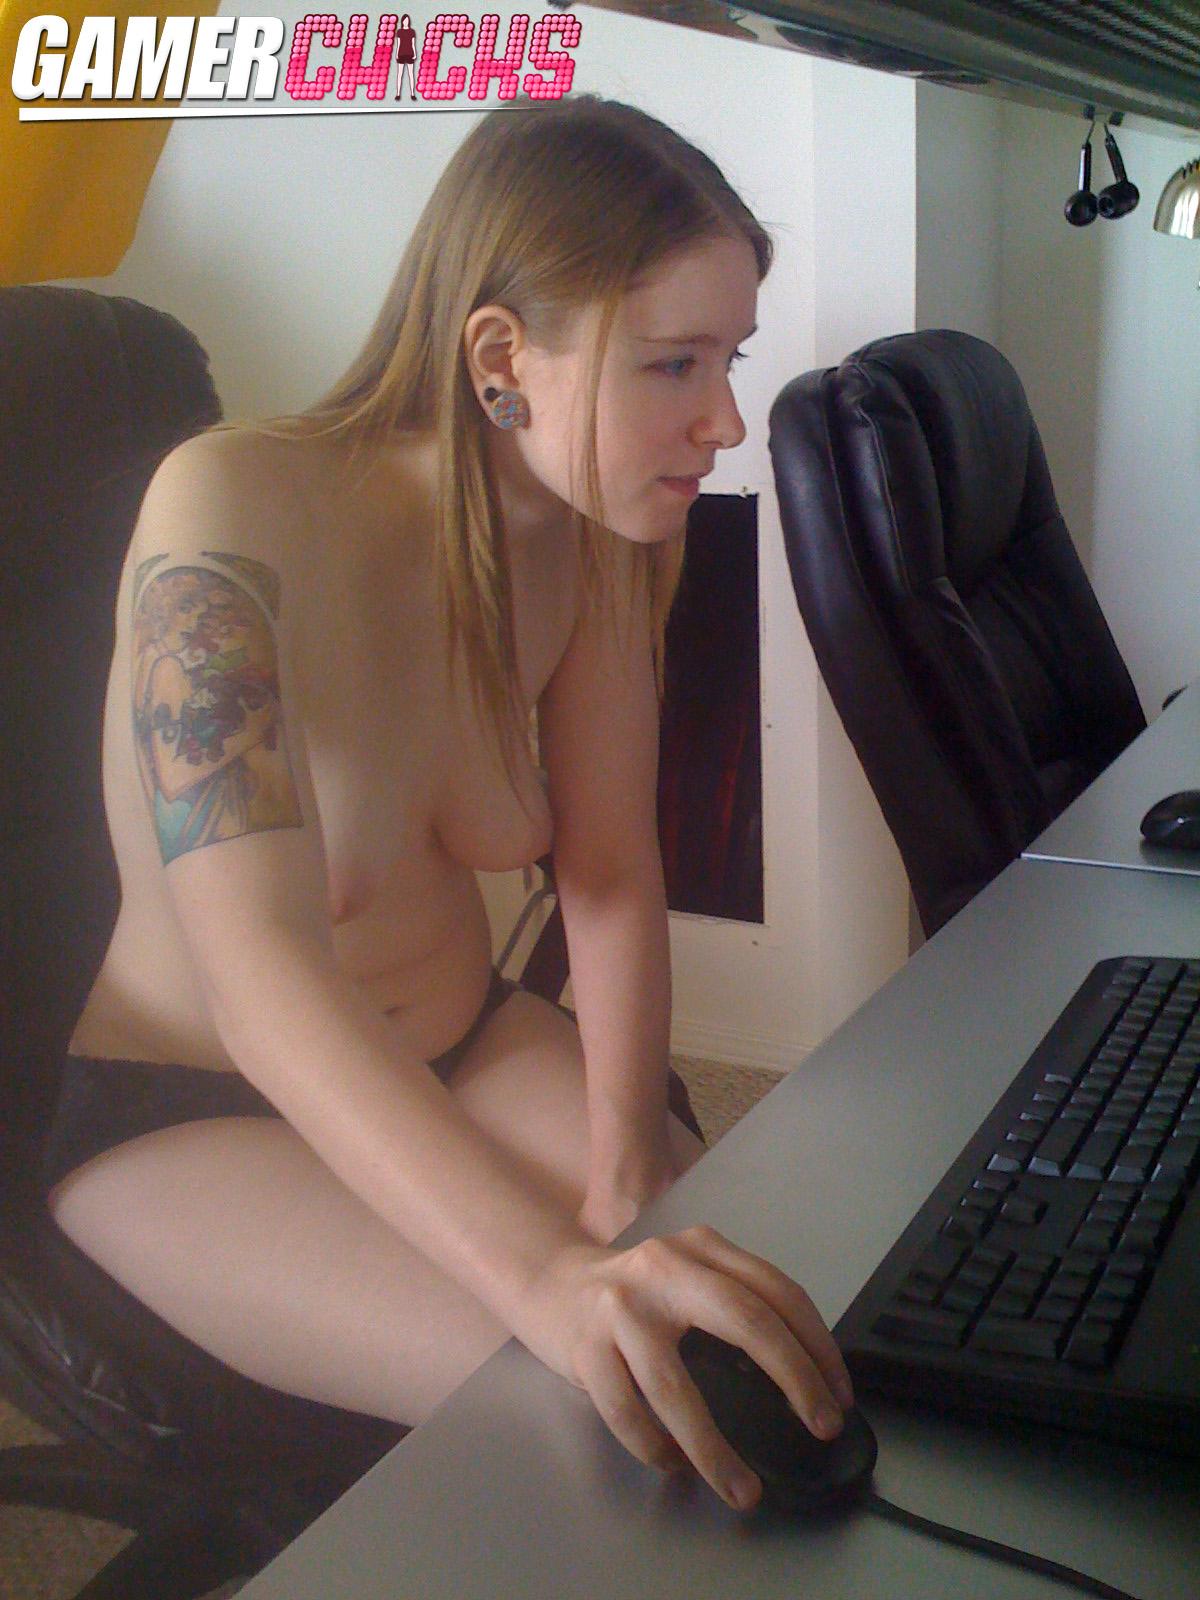 Naked gamer girl nude